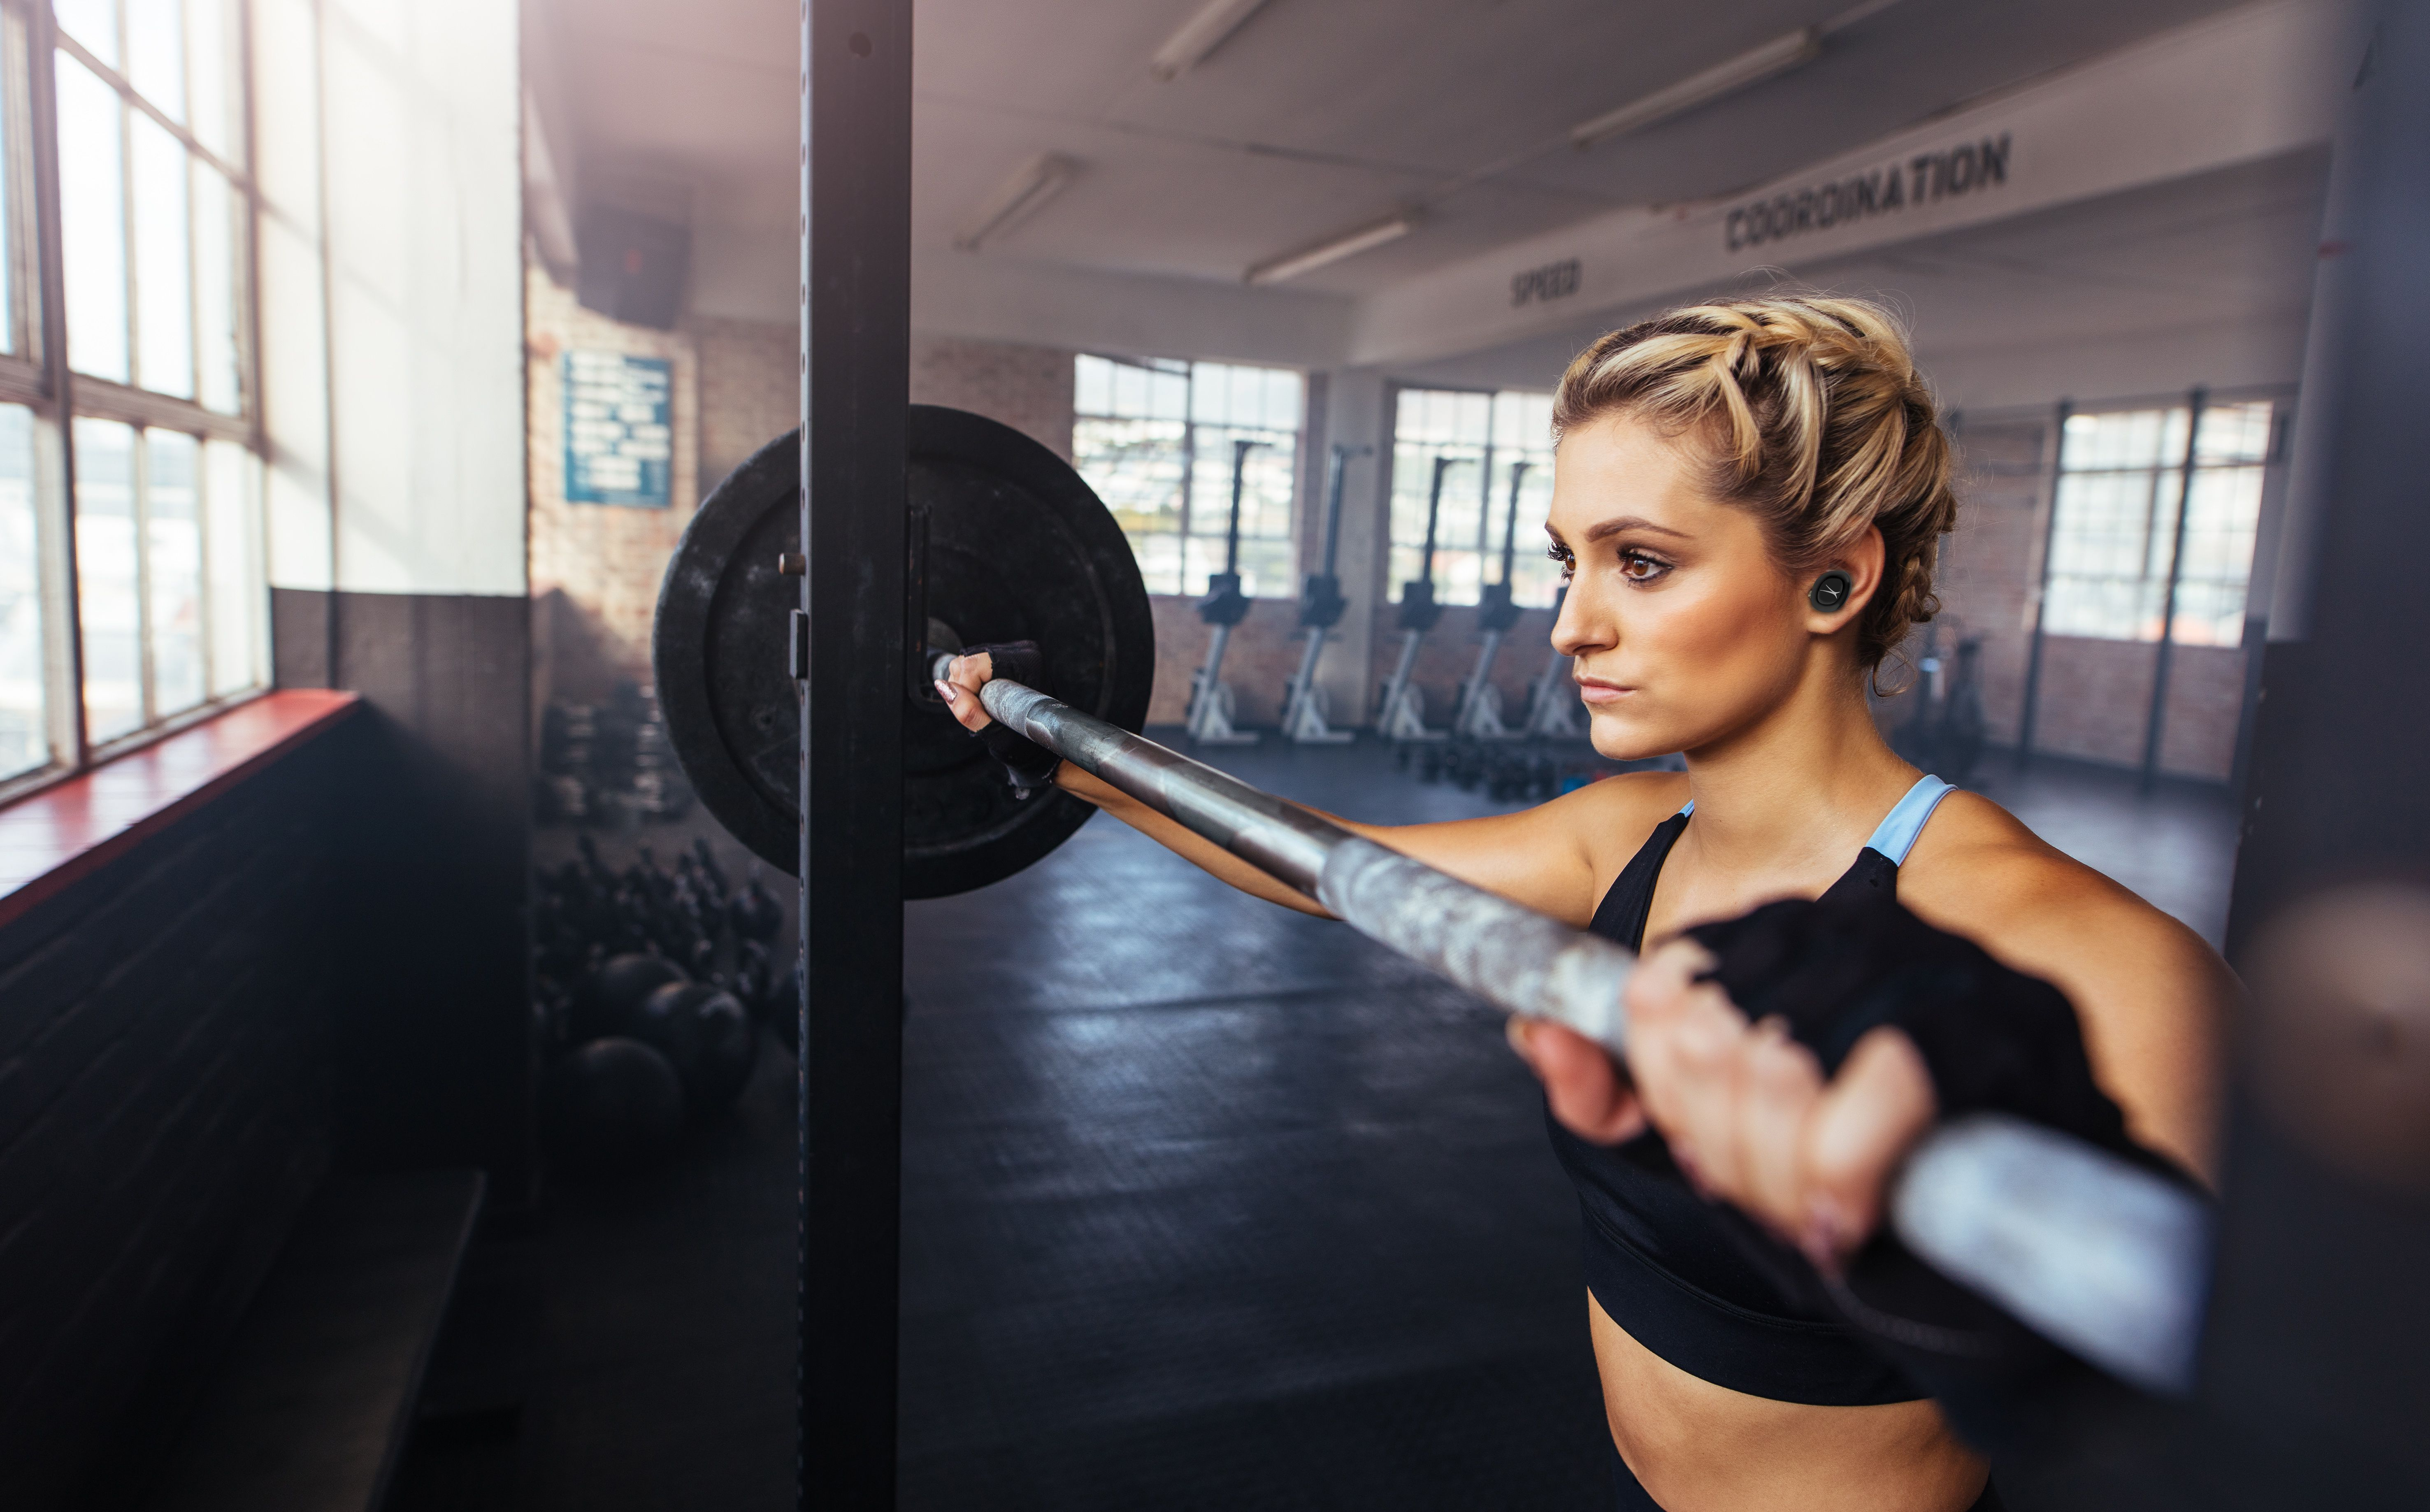 Auriculares inalámbricos True EVO en mujeres que levantan pesas